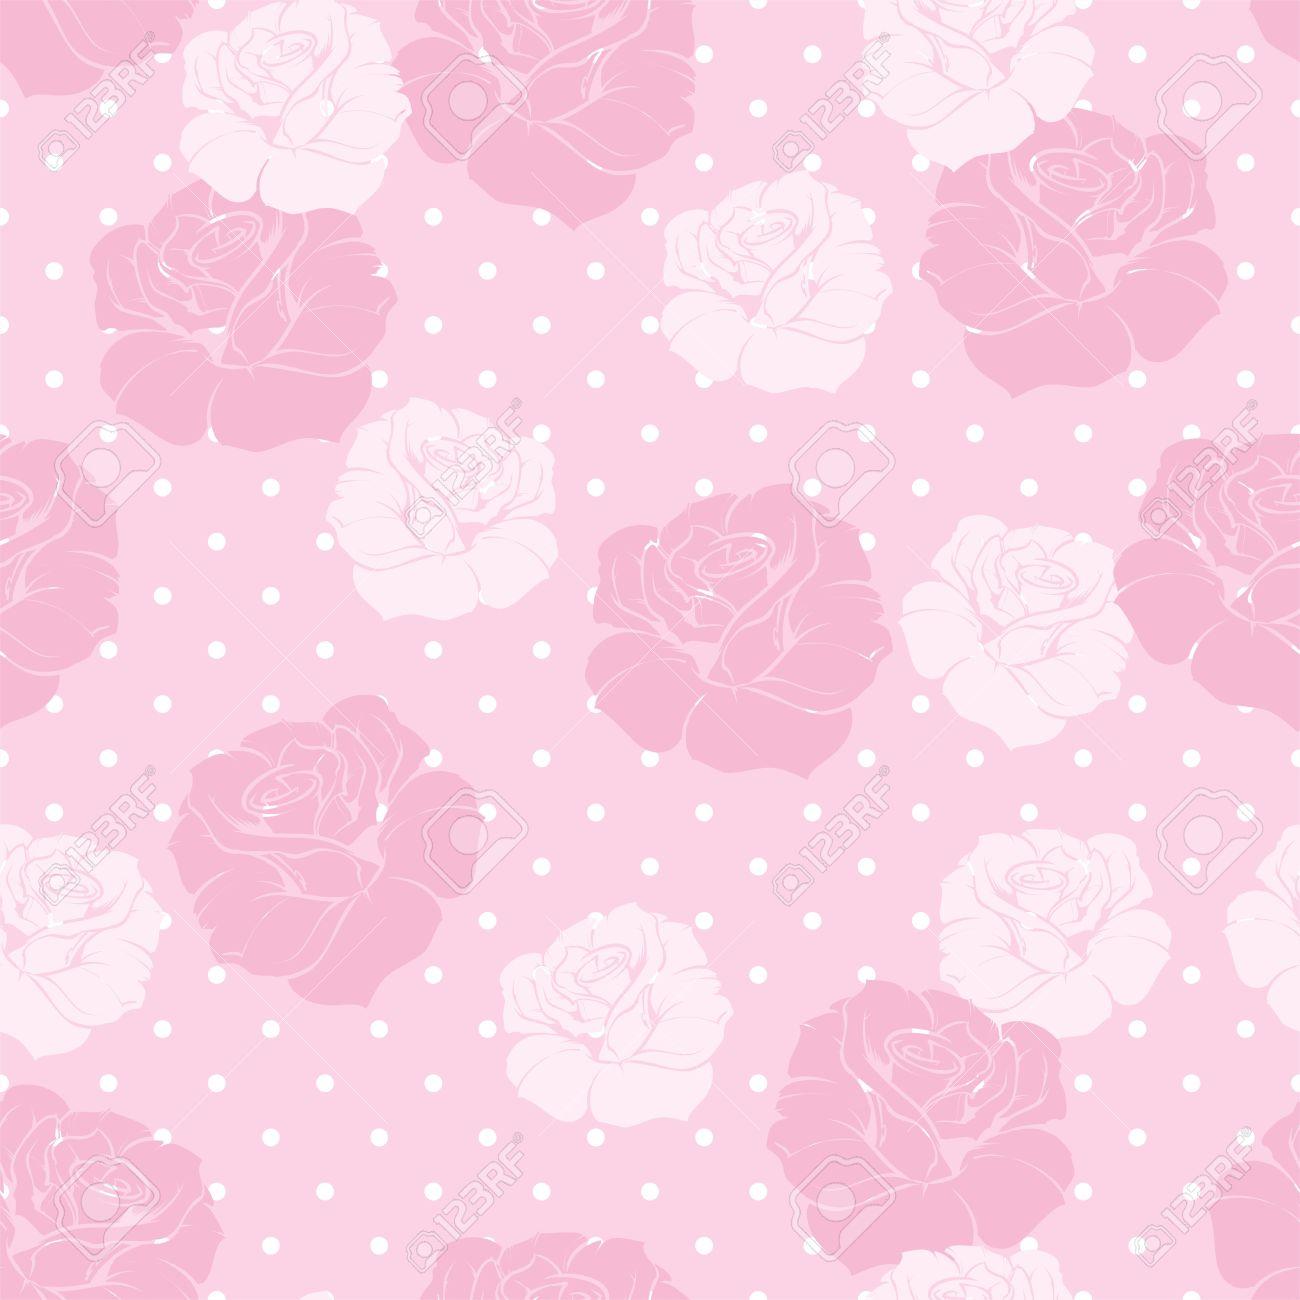 modelo floral inconsútil del vector con las rosas rosadas y blancas